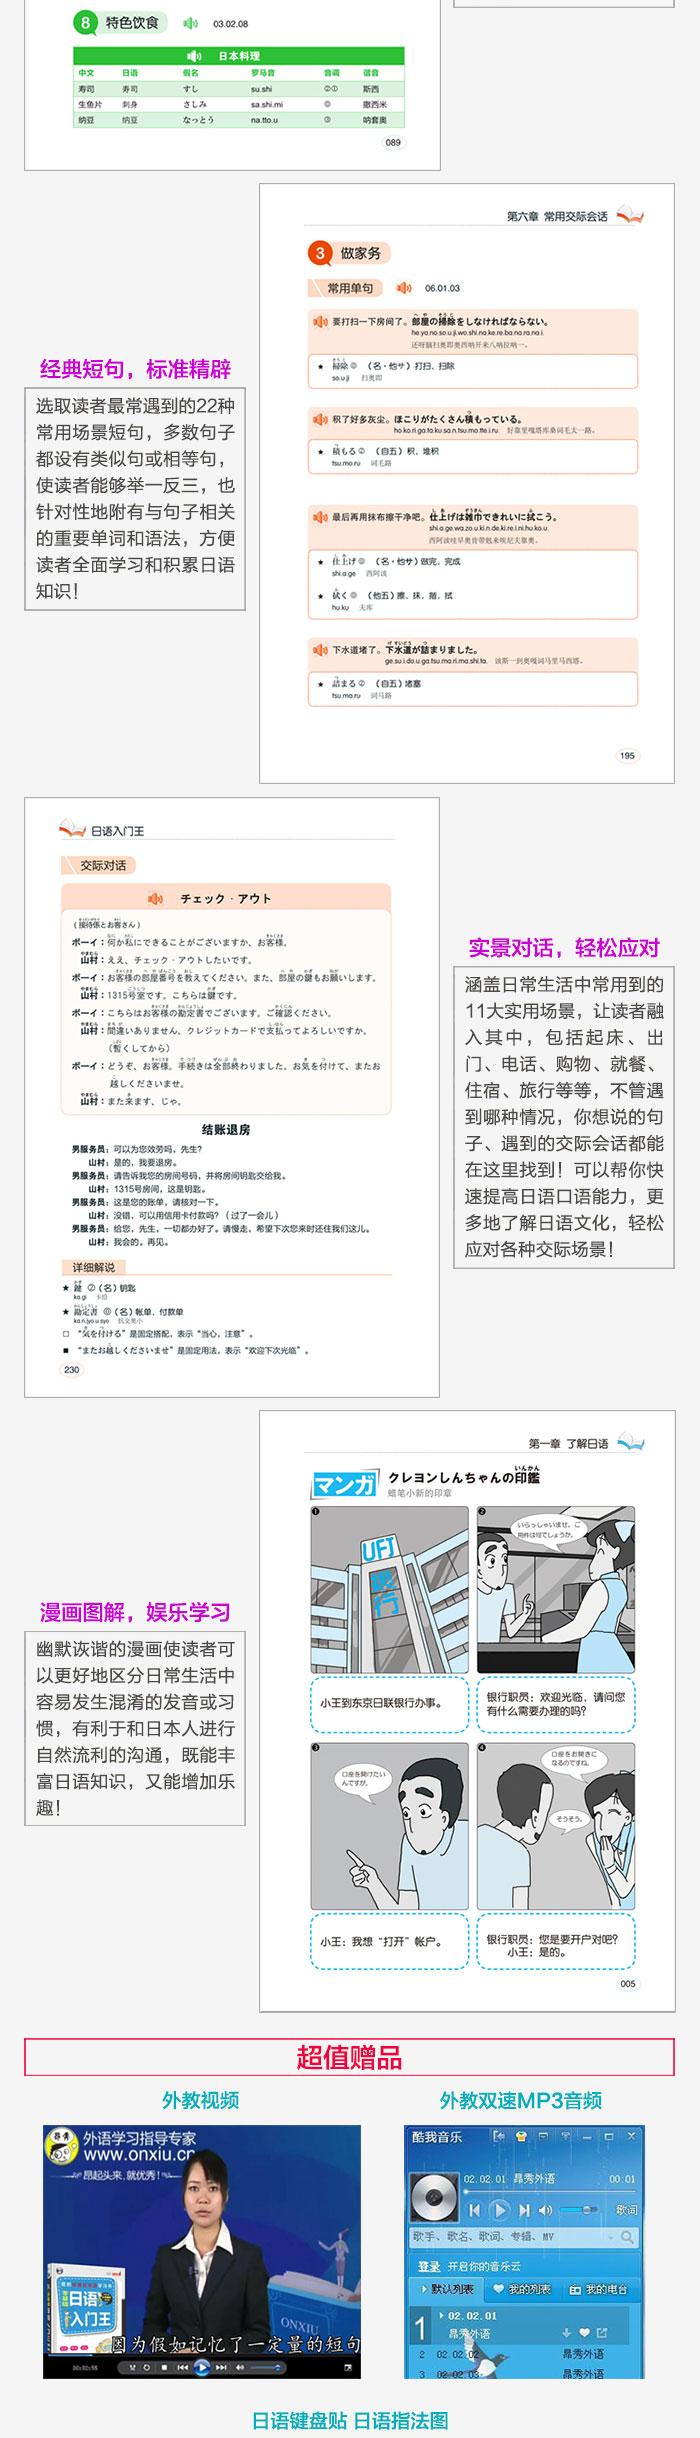 内容简介 《日语入门王》内容丰富,简单实用,排版结构合理,和其他